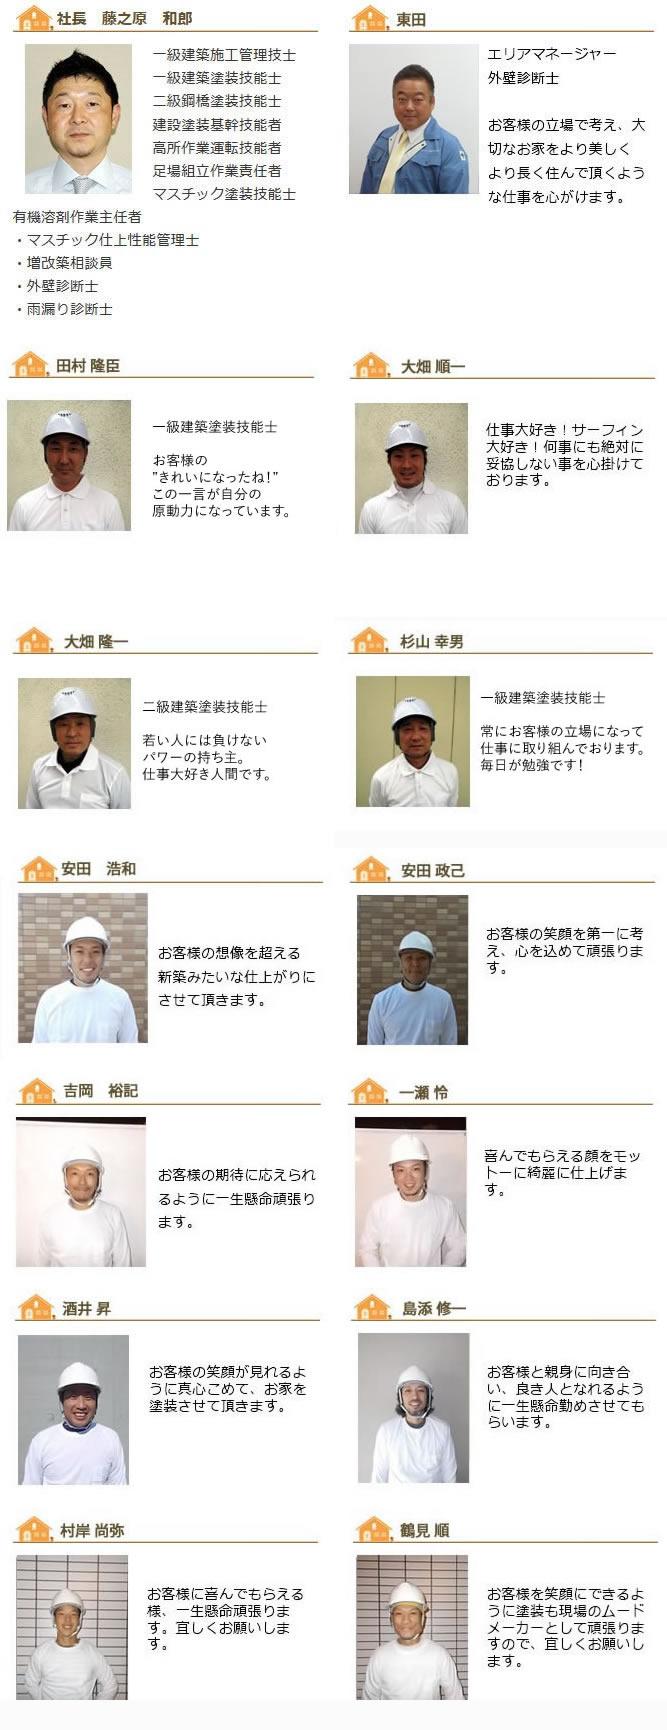 ひまわり塗装(株)京都支店メンバー紹介